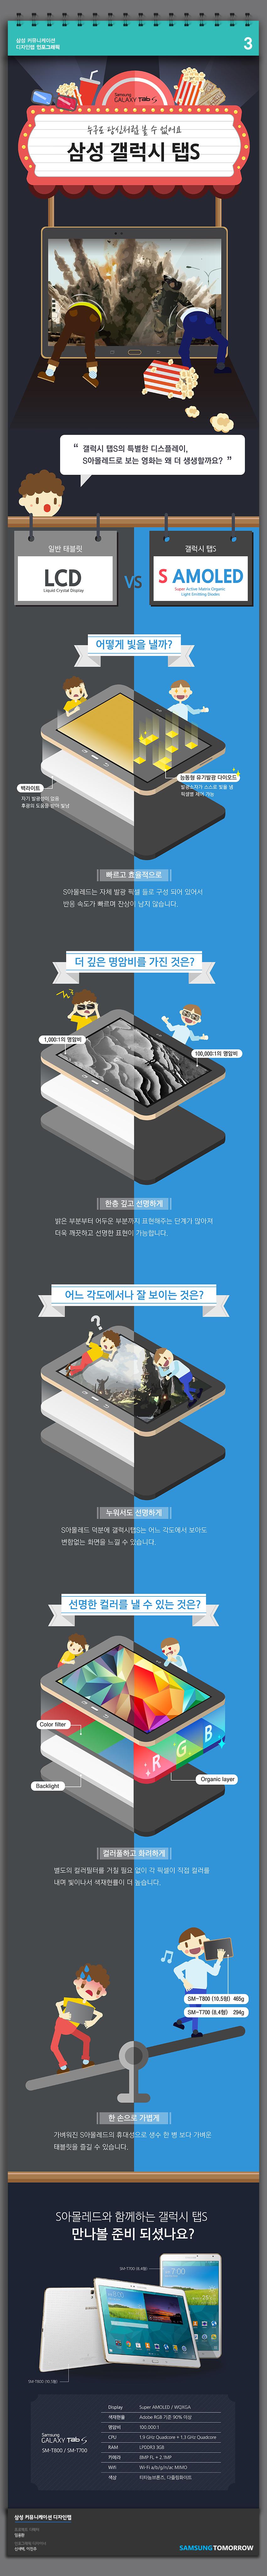 갤럭시 탭S 디스플레이 인포그래픽 소개 인포그래픽